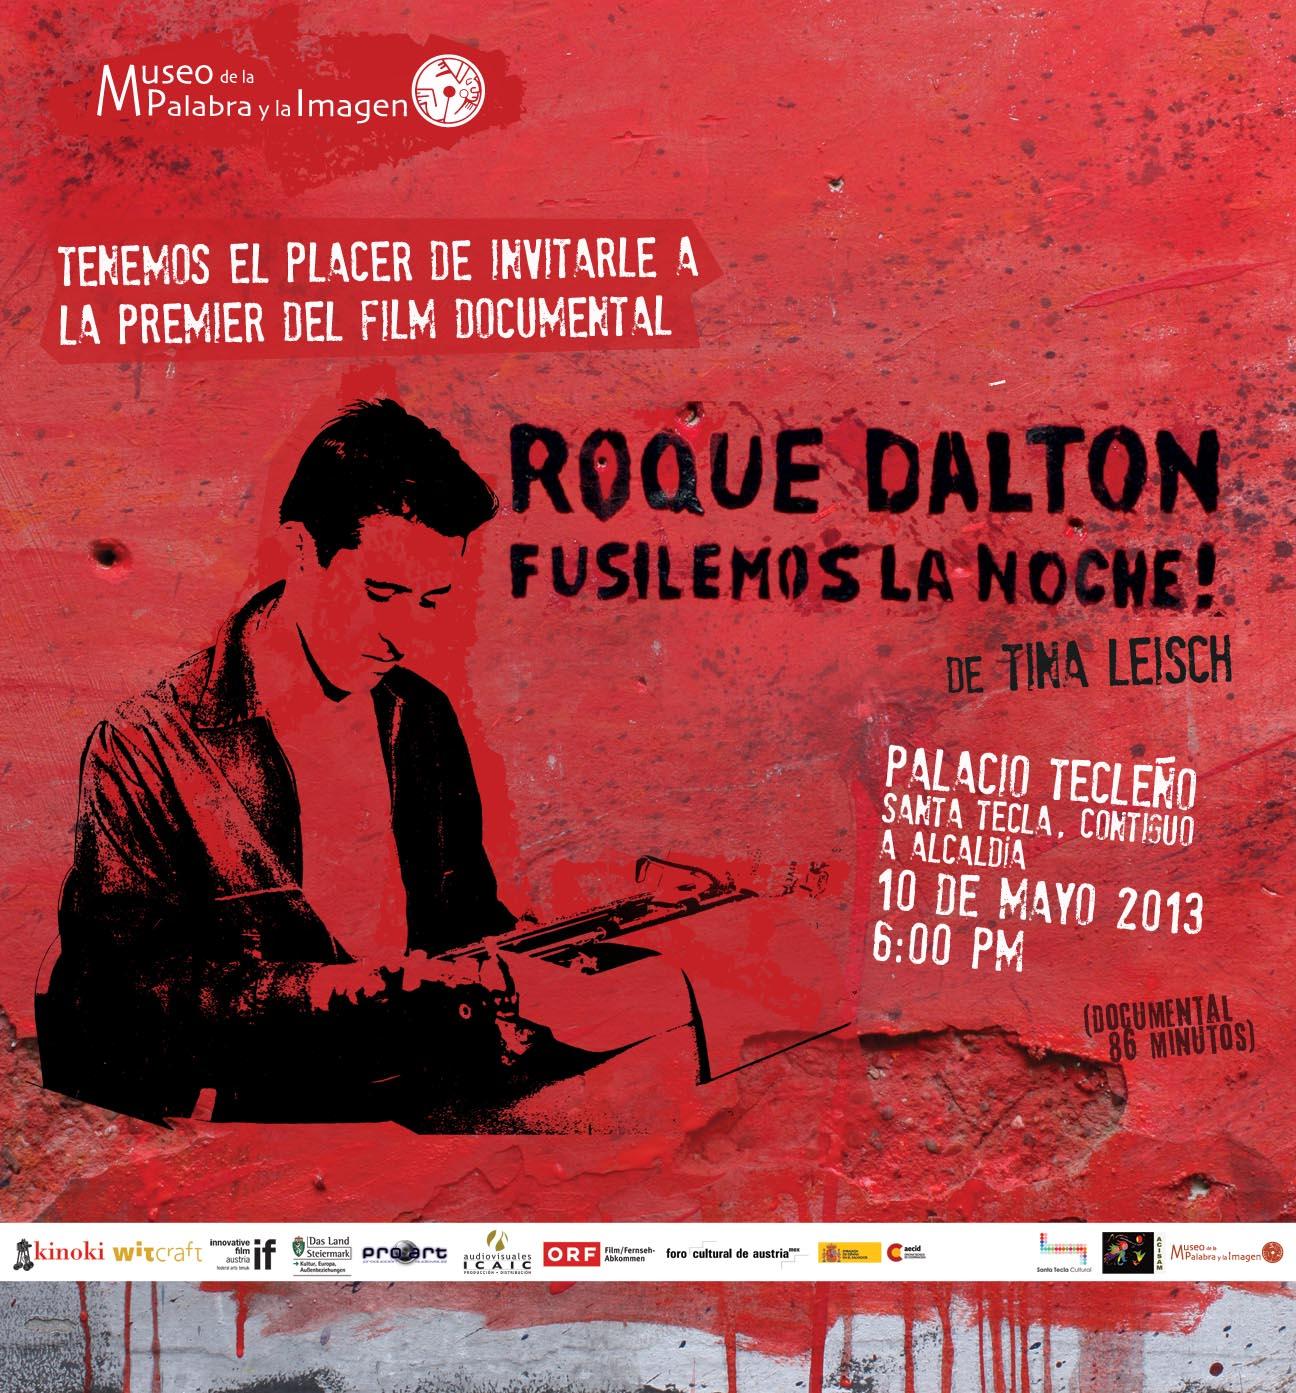 Entre los temas musicales con letras de poemas de roque dalton se encuentran poema de amor 1980 aproximadamente del conjunto salvadore o yolocamba i ta